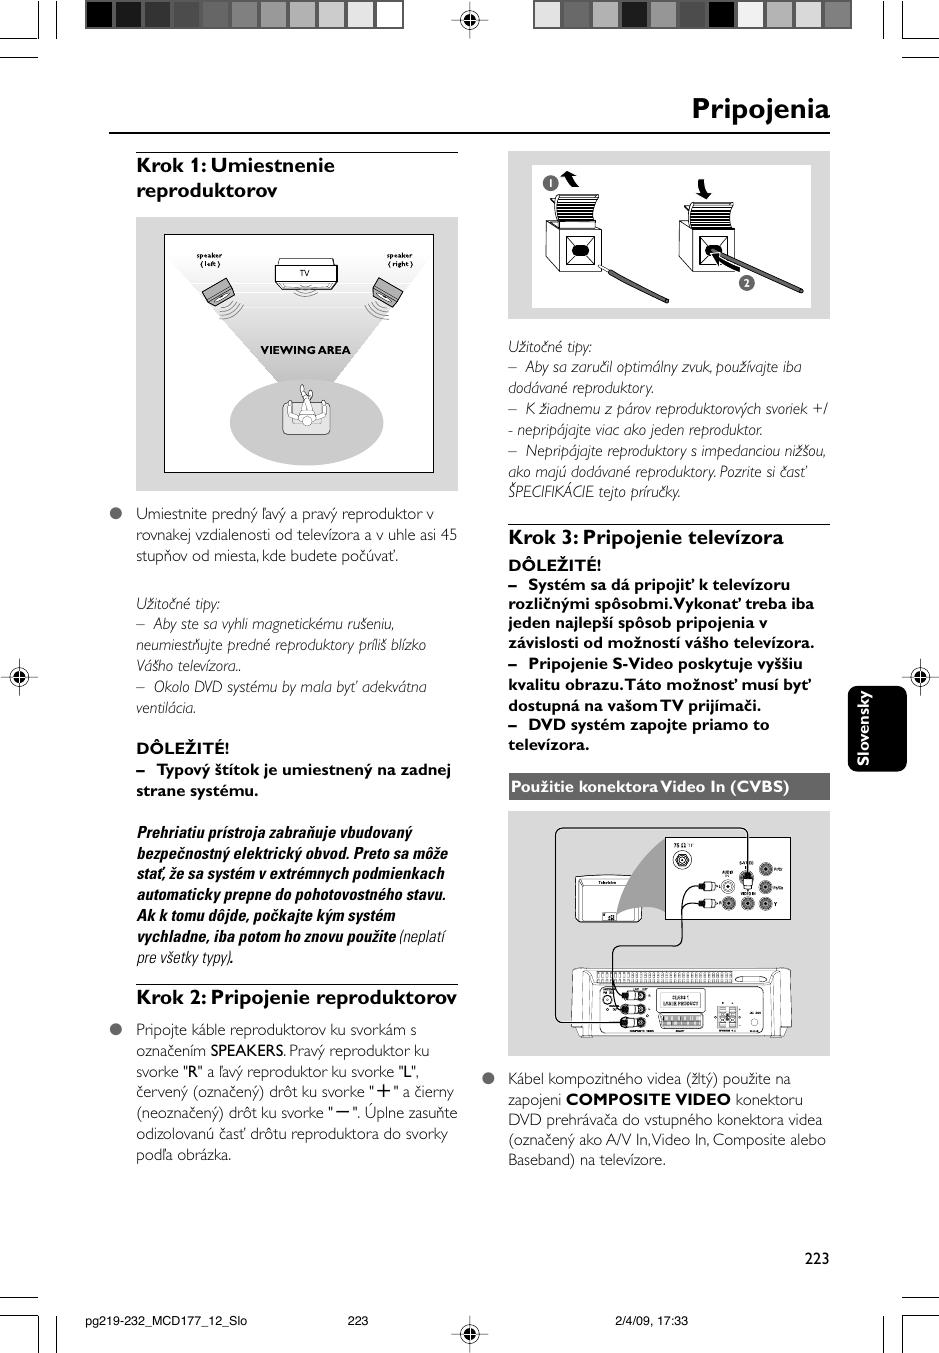 najlepší spôsob, ako pripojiť line výstup prevodník dohazování server Picker VAC